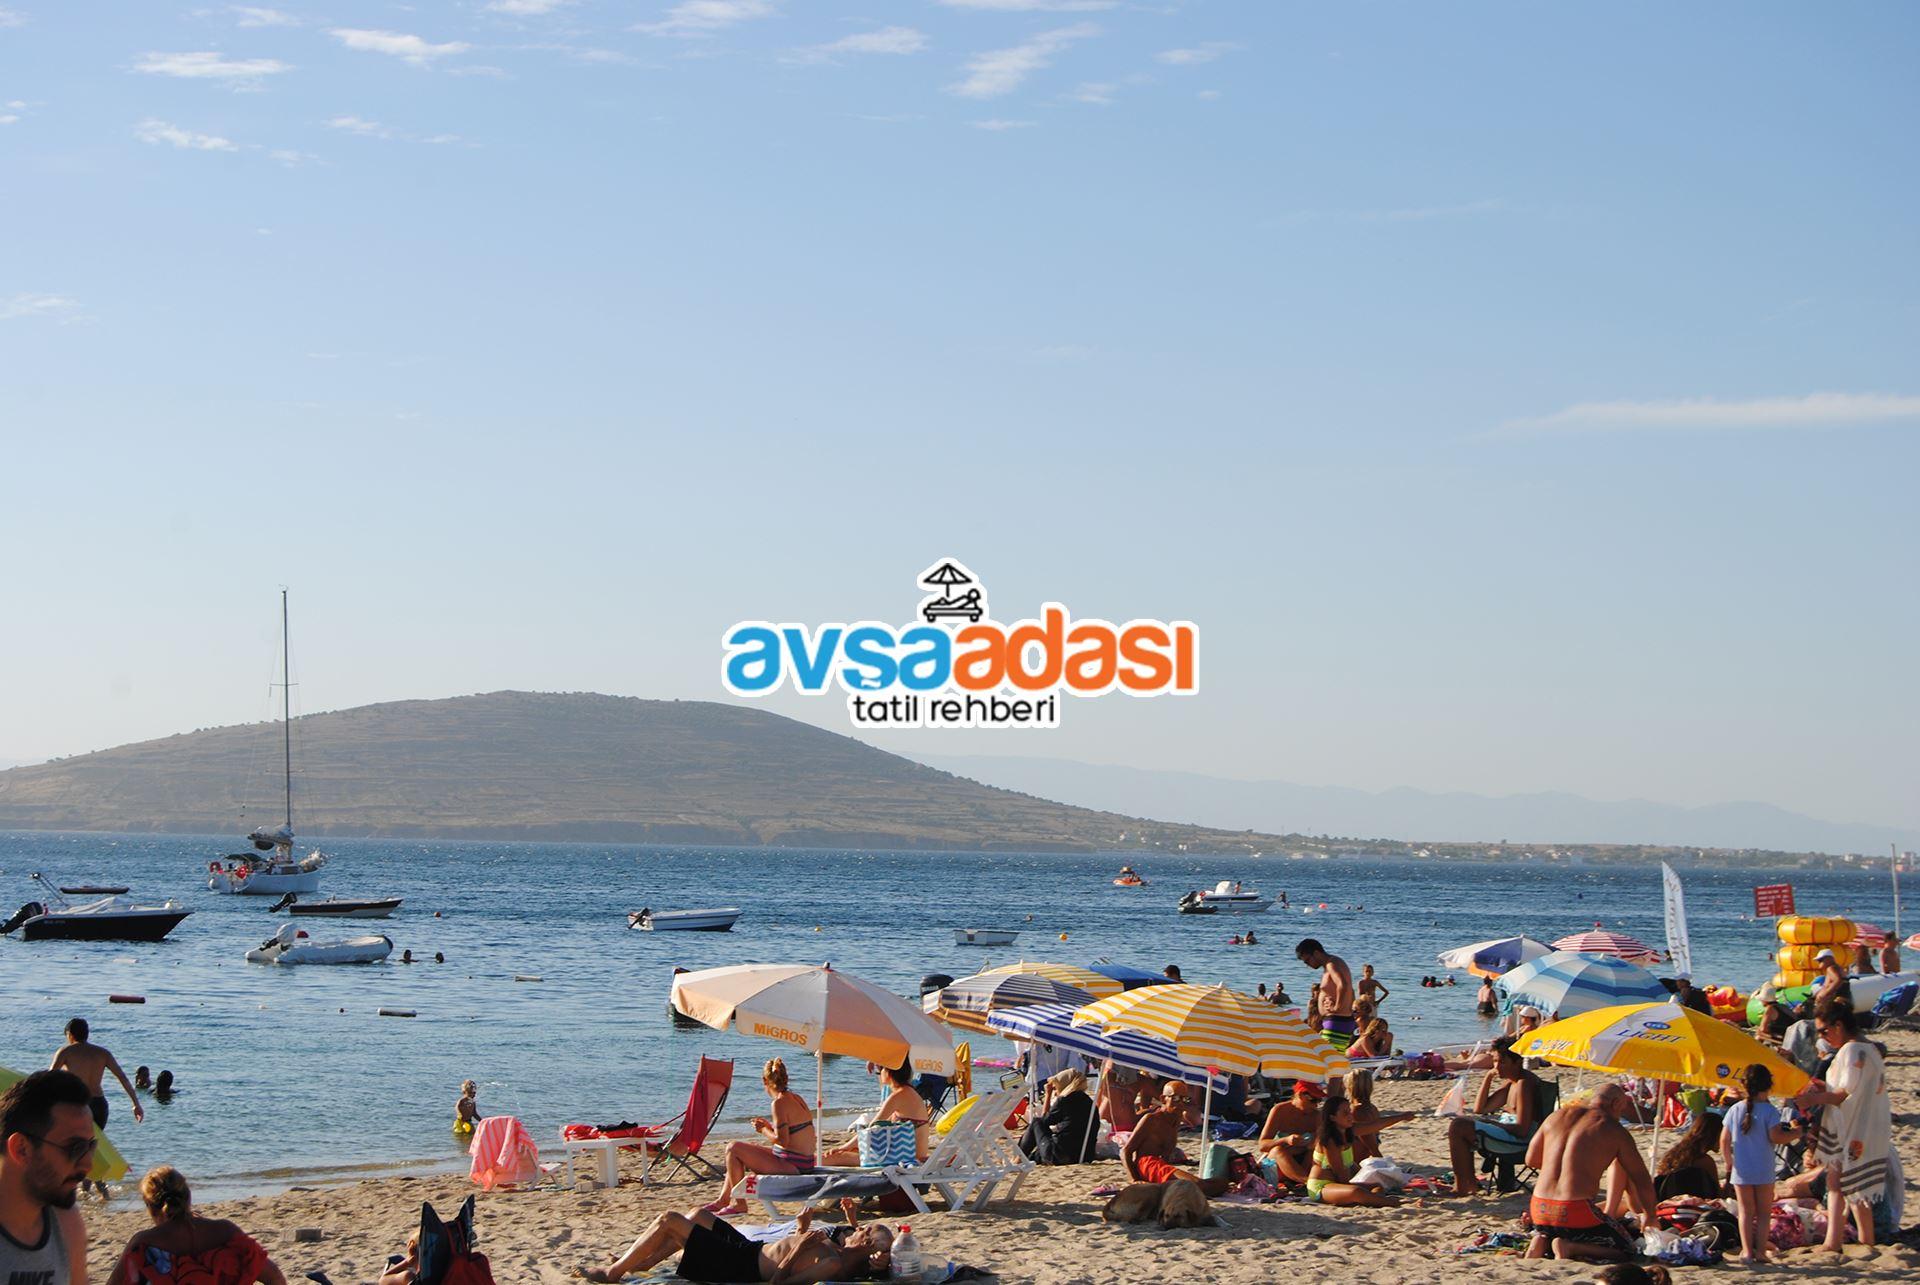 AVŞA ADASI OTELLERİ